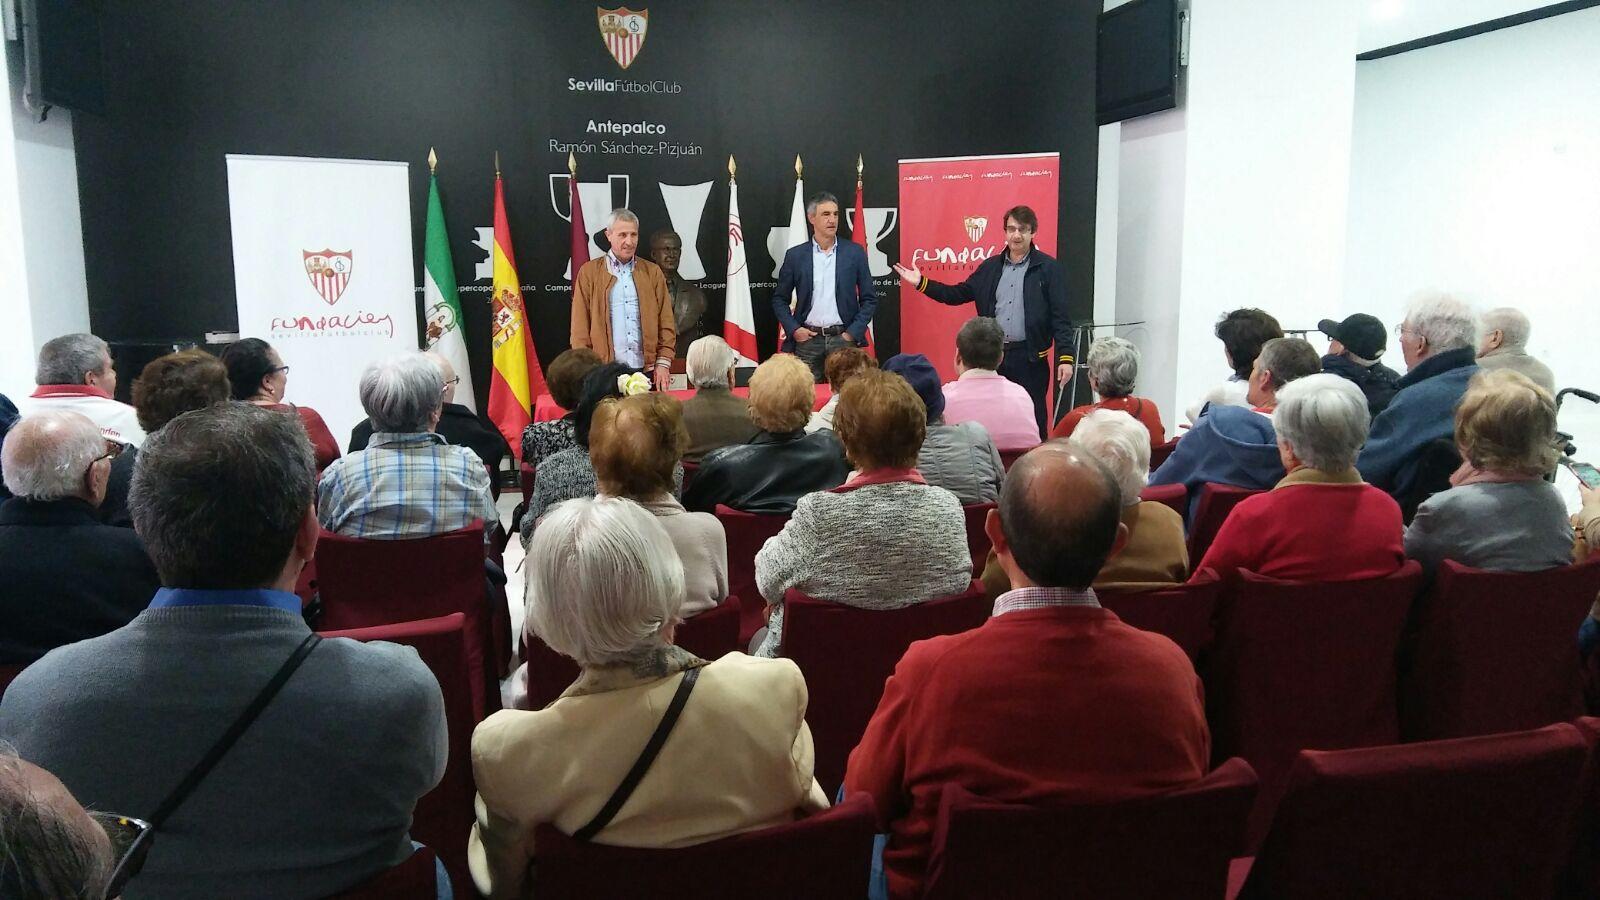 170329 Visita estadio Sevilla FC10